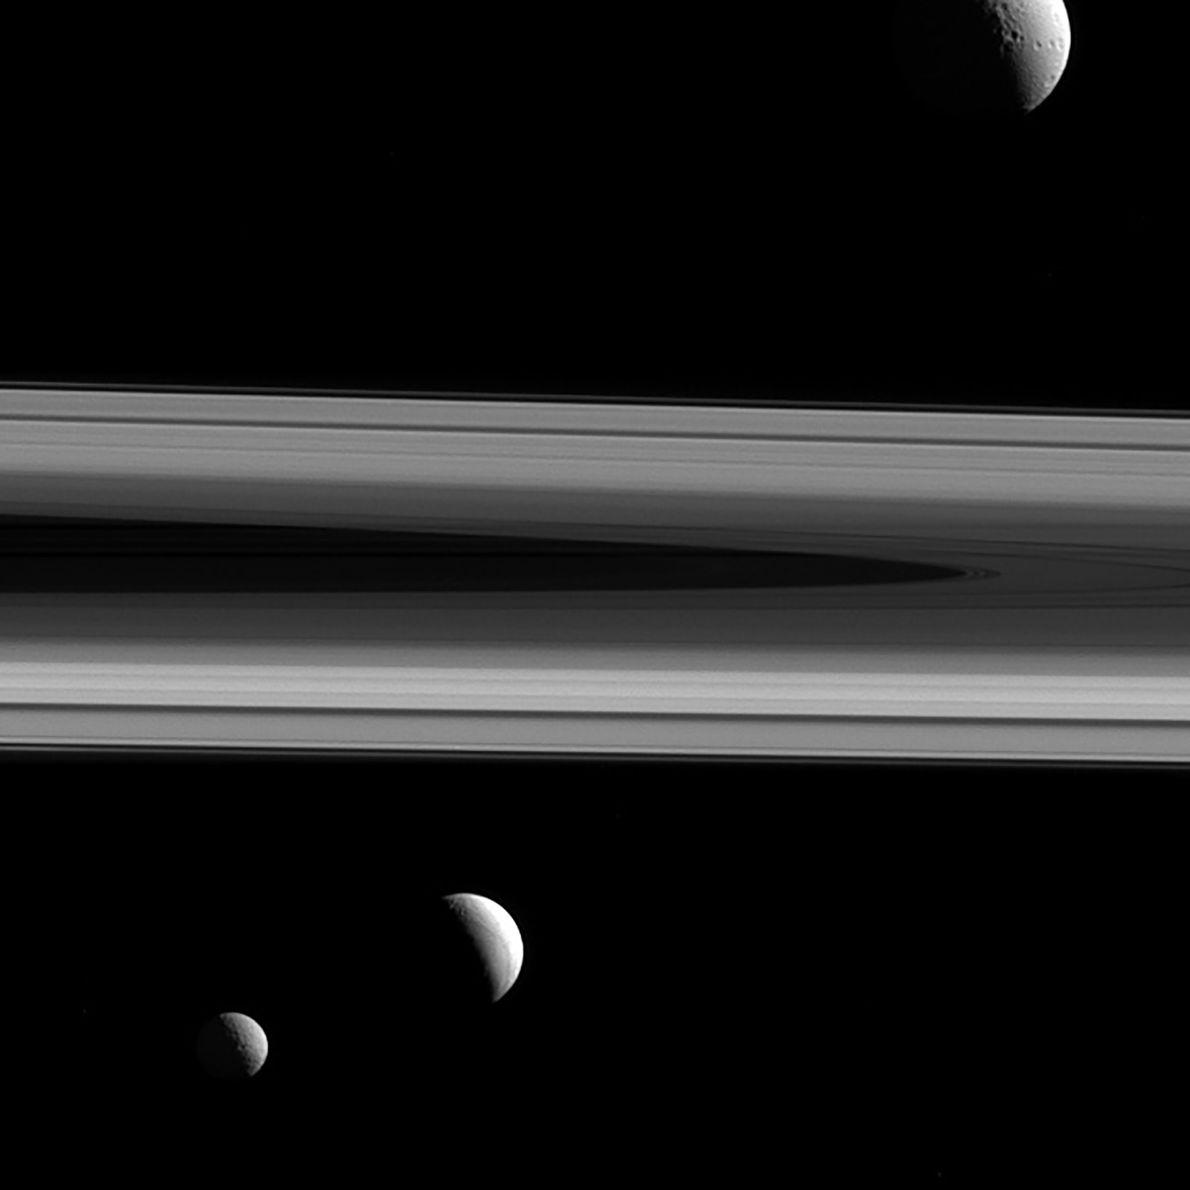 Tetis, Encélado y Mimas